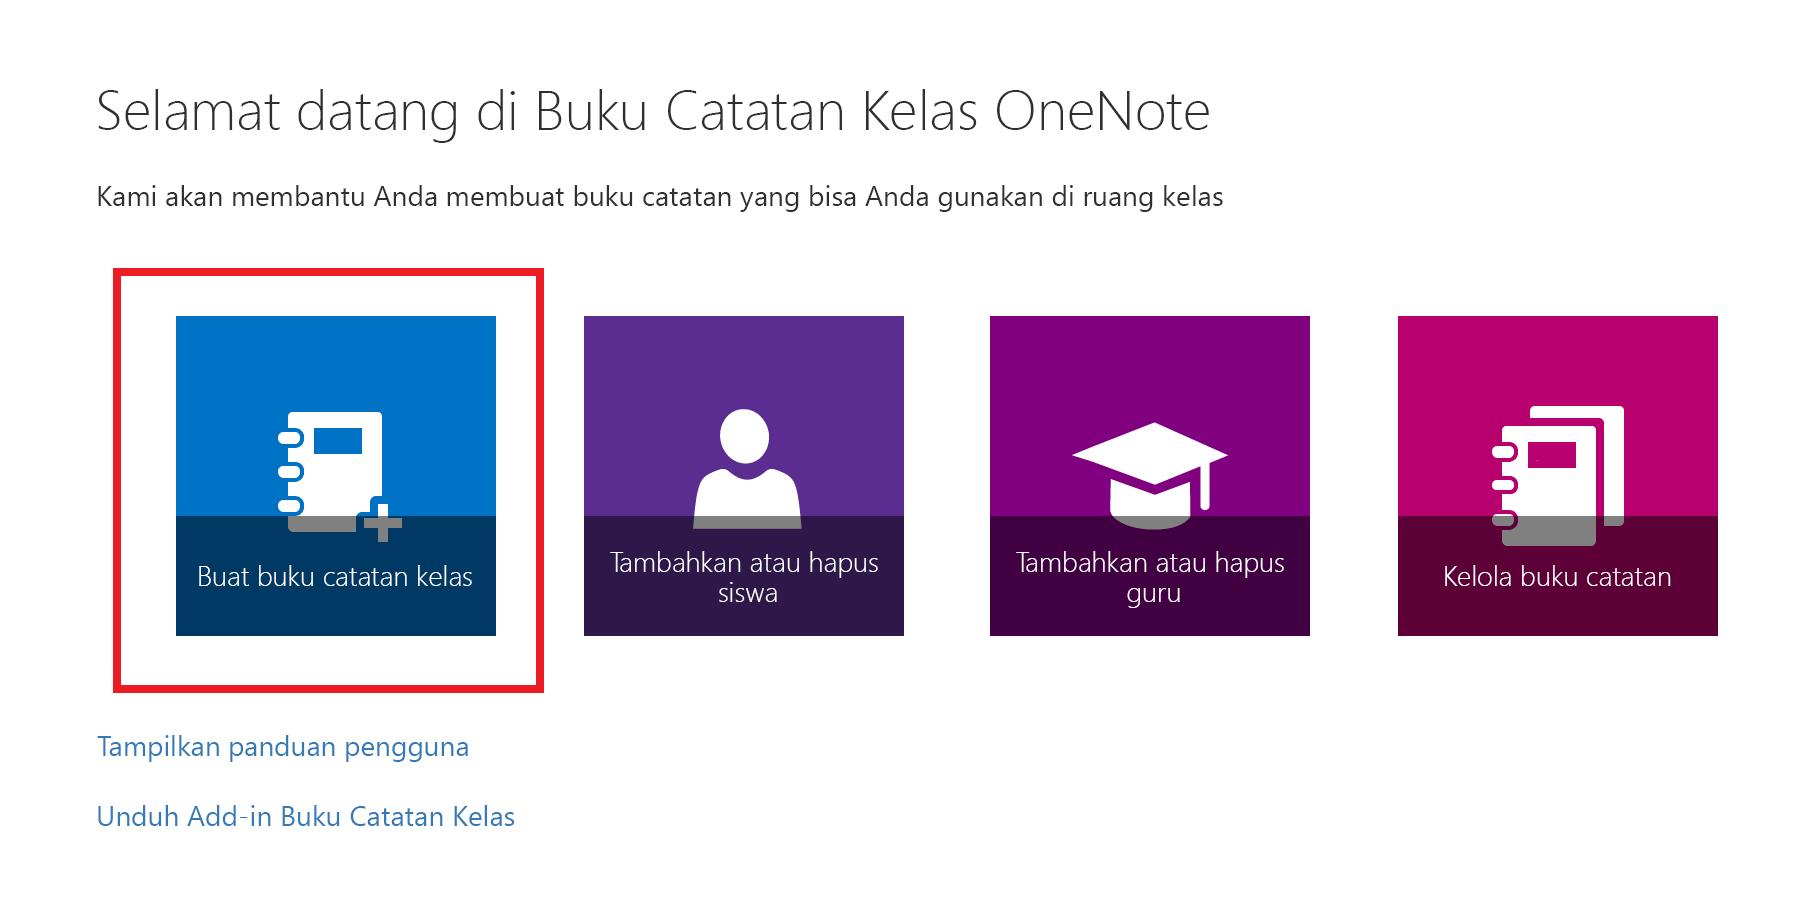 Cuplikan layar halaman selamat datang aplikasi Buku Catatan Kelas.